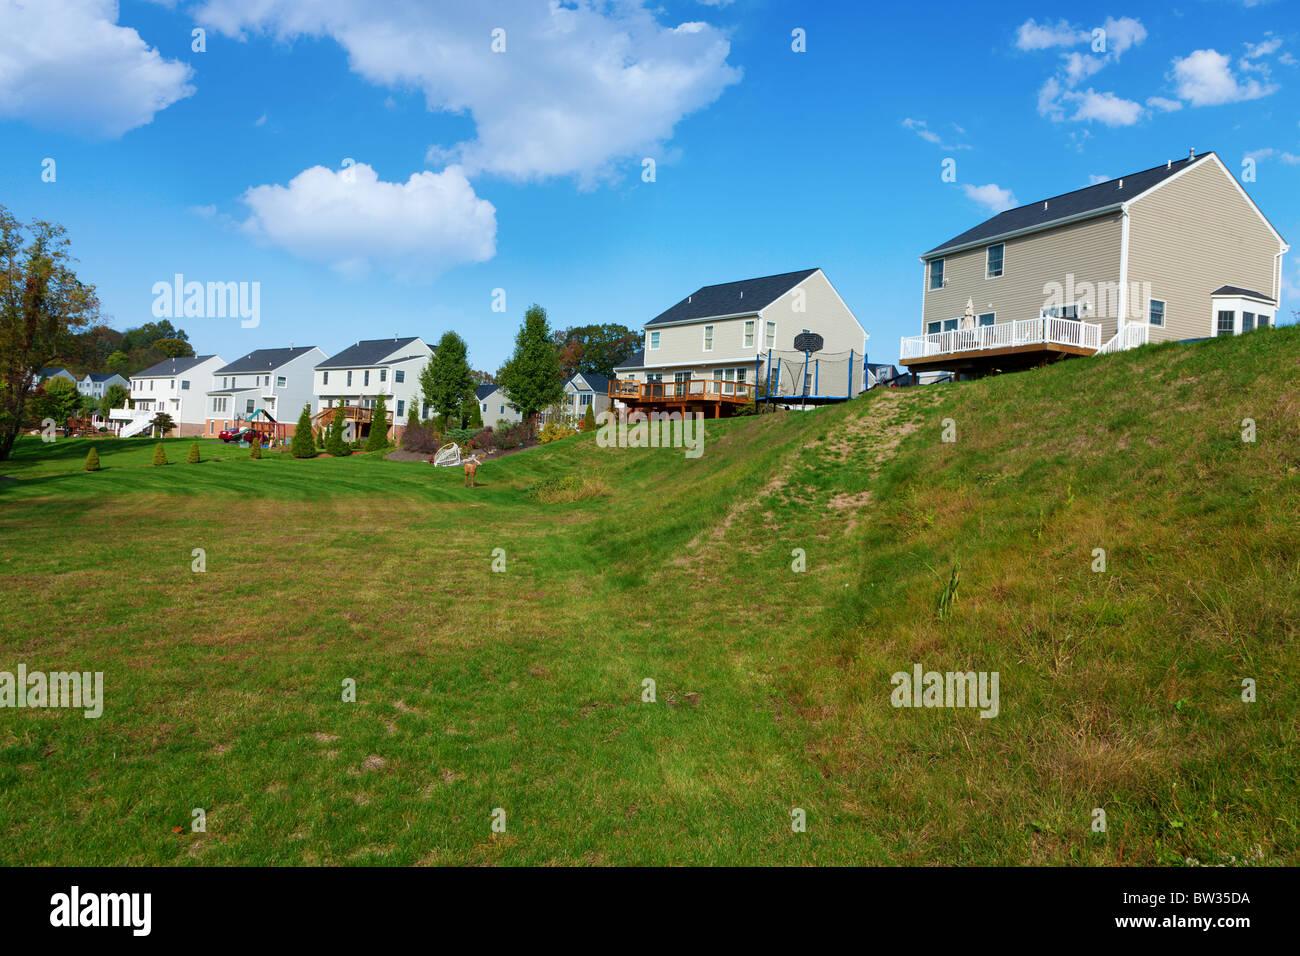 Residential neighborhood - Stock Image